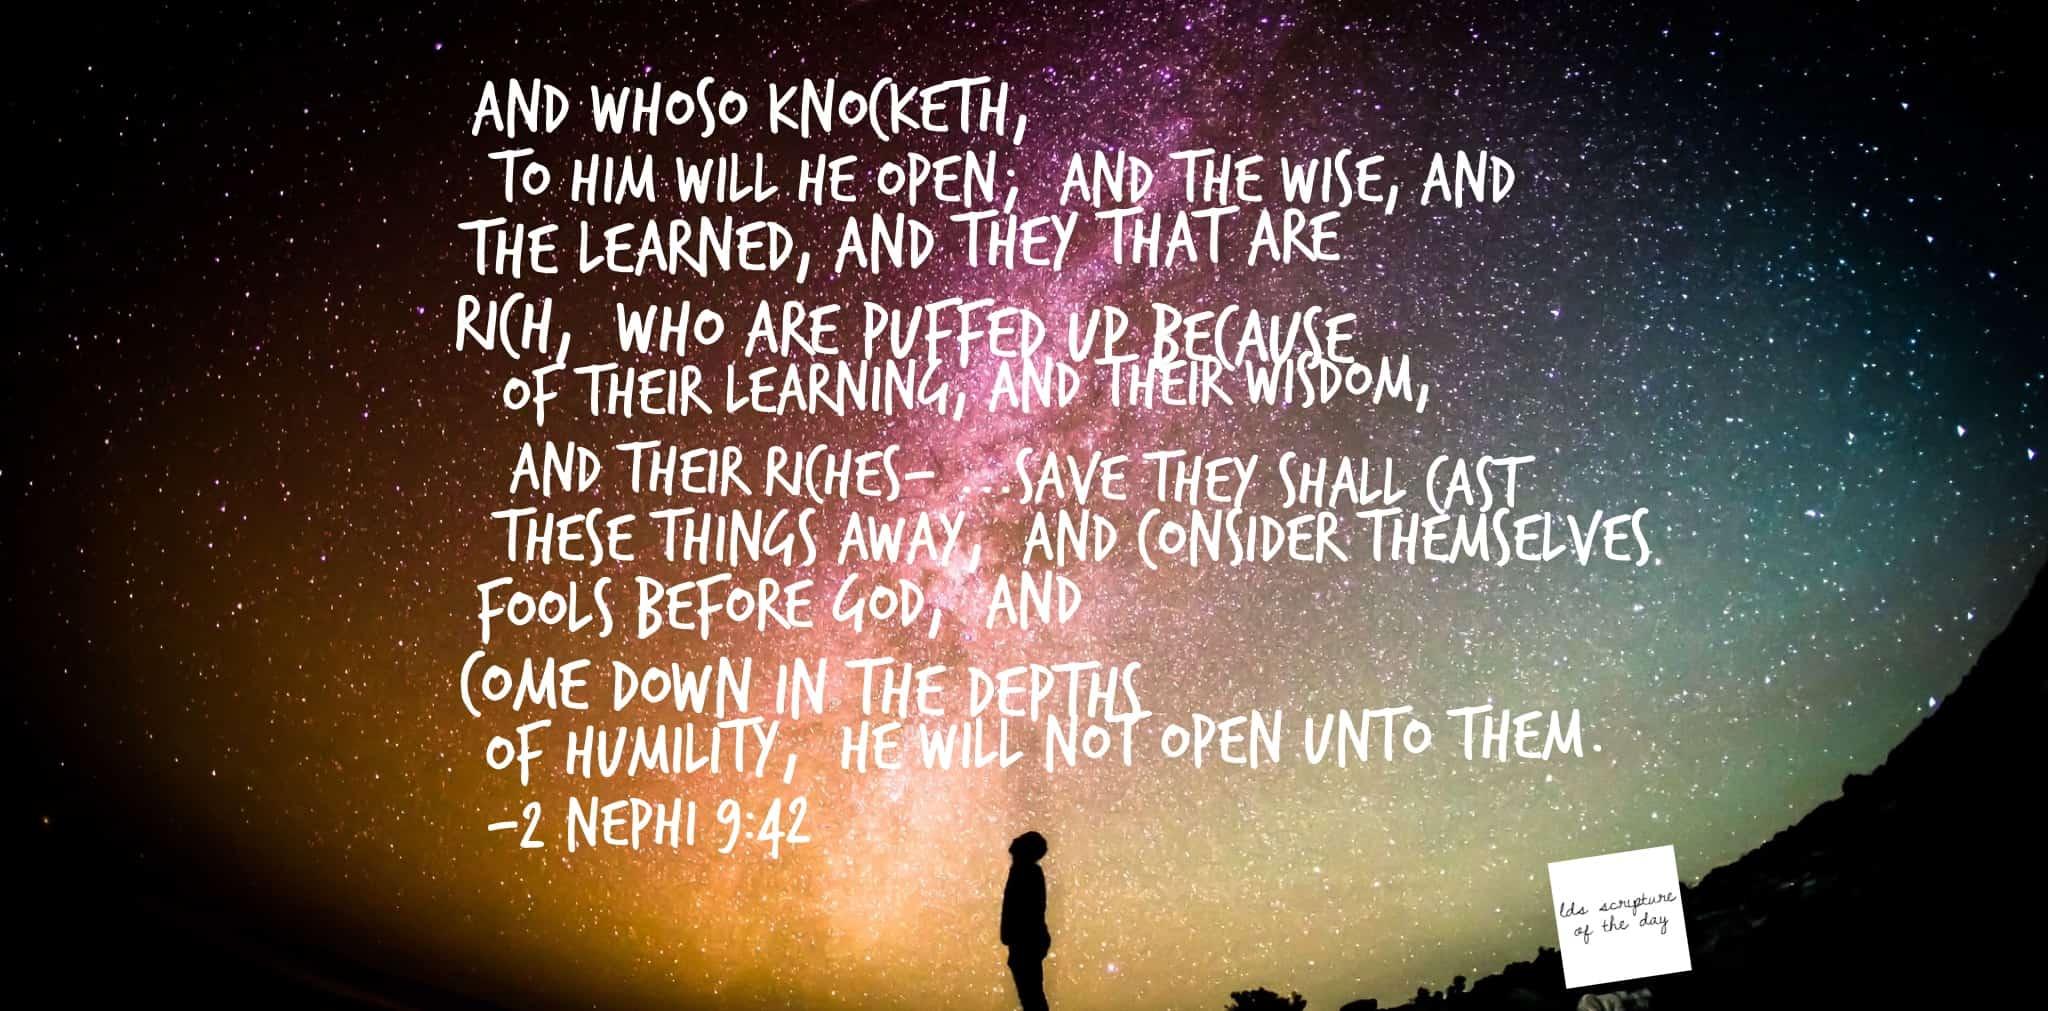 2 Nephi 9:42